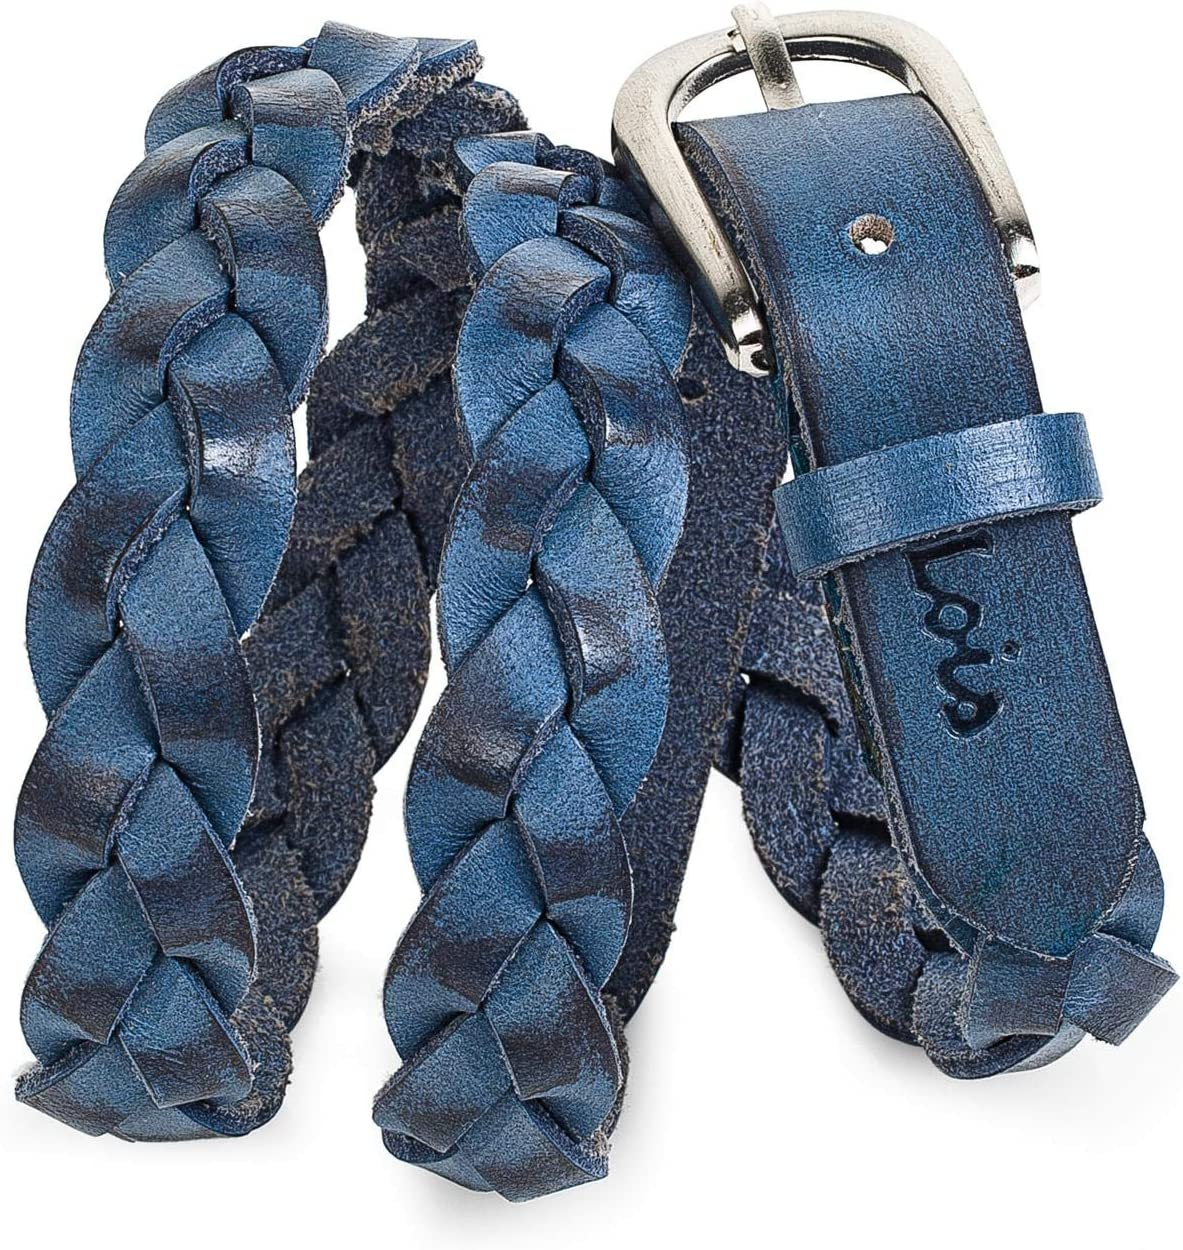 Lois - Cinturón para Mujer de Cuero Piel Genuina Trenzado con Hebilla Metálica. Resistente, Flexible y Duradero. Largo Adaptable. Ideal para Regalo. Ancho 20 mm. 501007, Color Azul